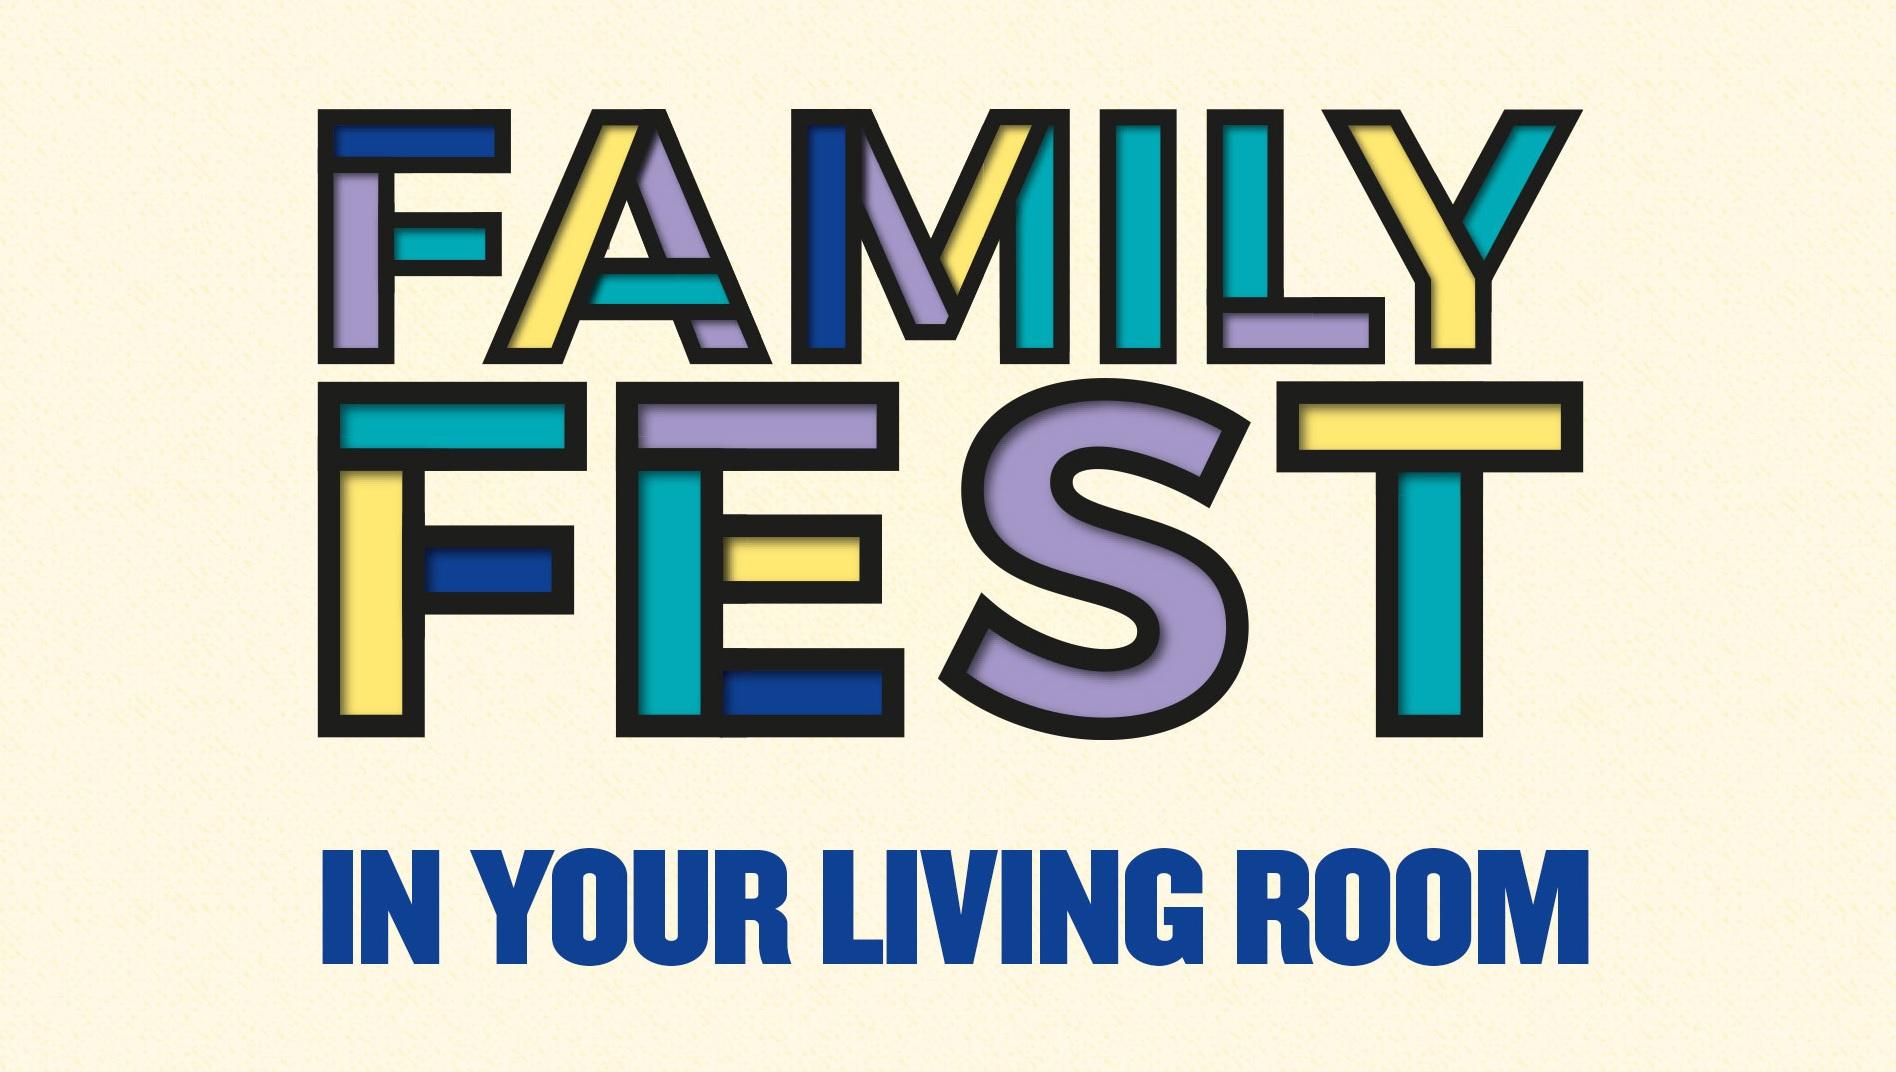 Family Fest in your Living Room